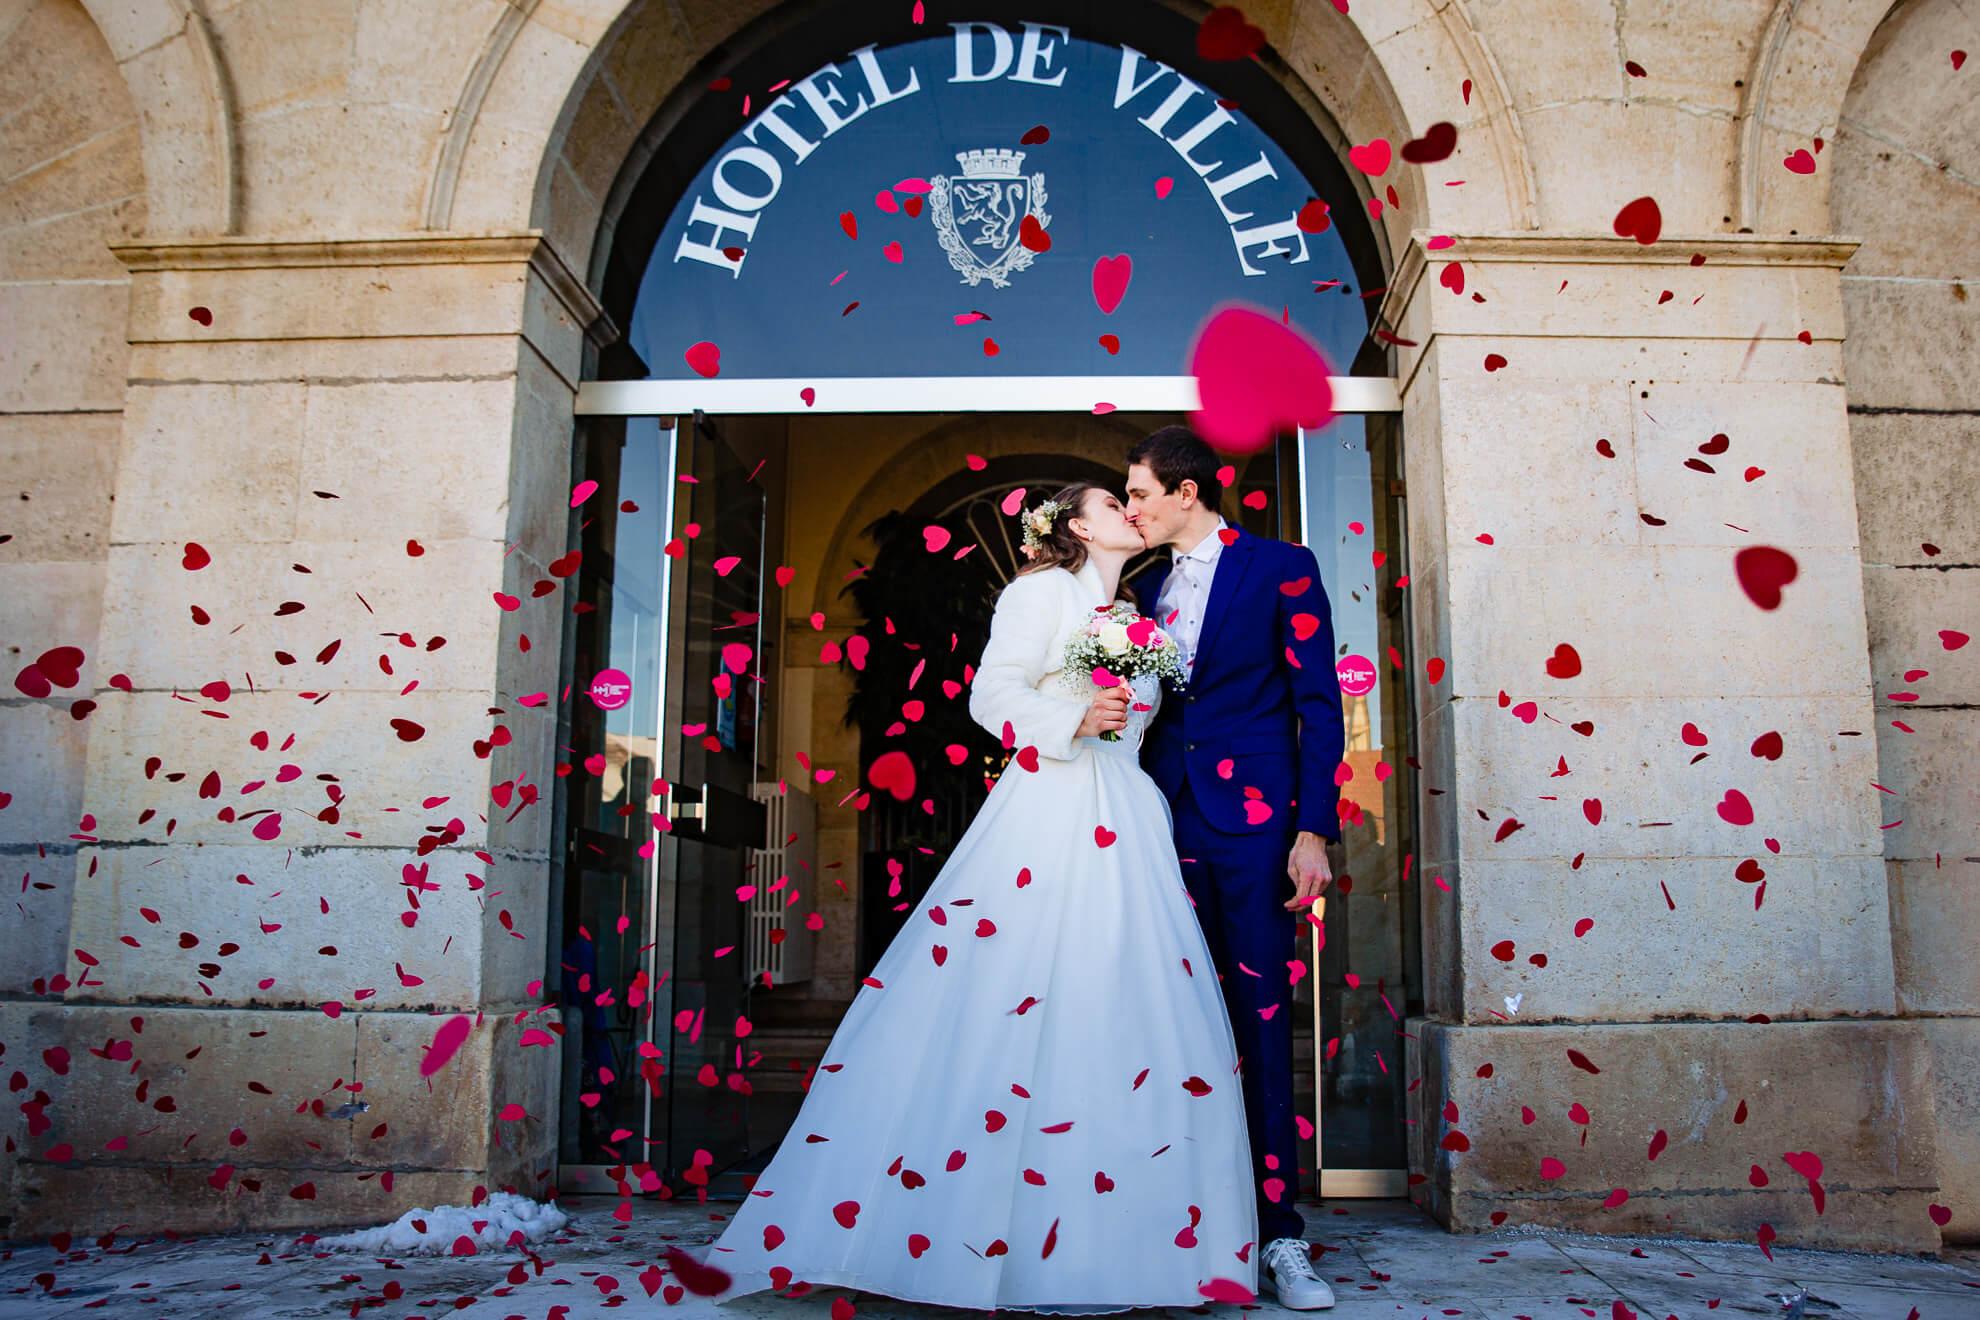 Mariés sous les confettis de coeur à la sortie de la mairie